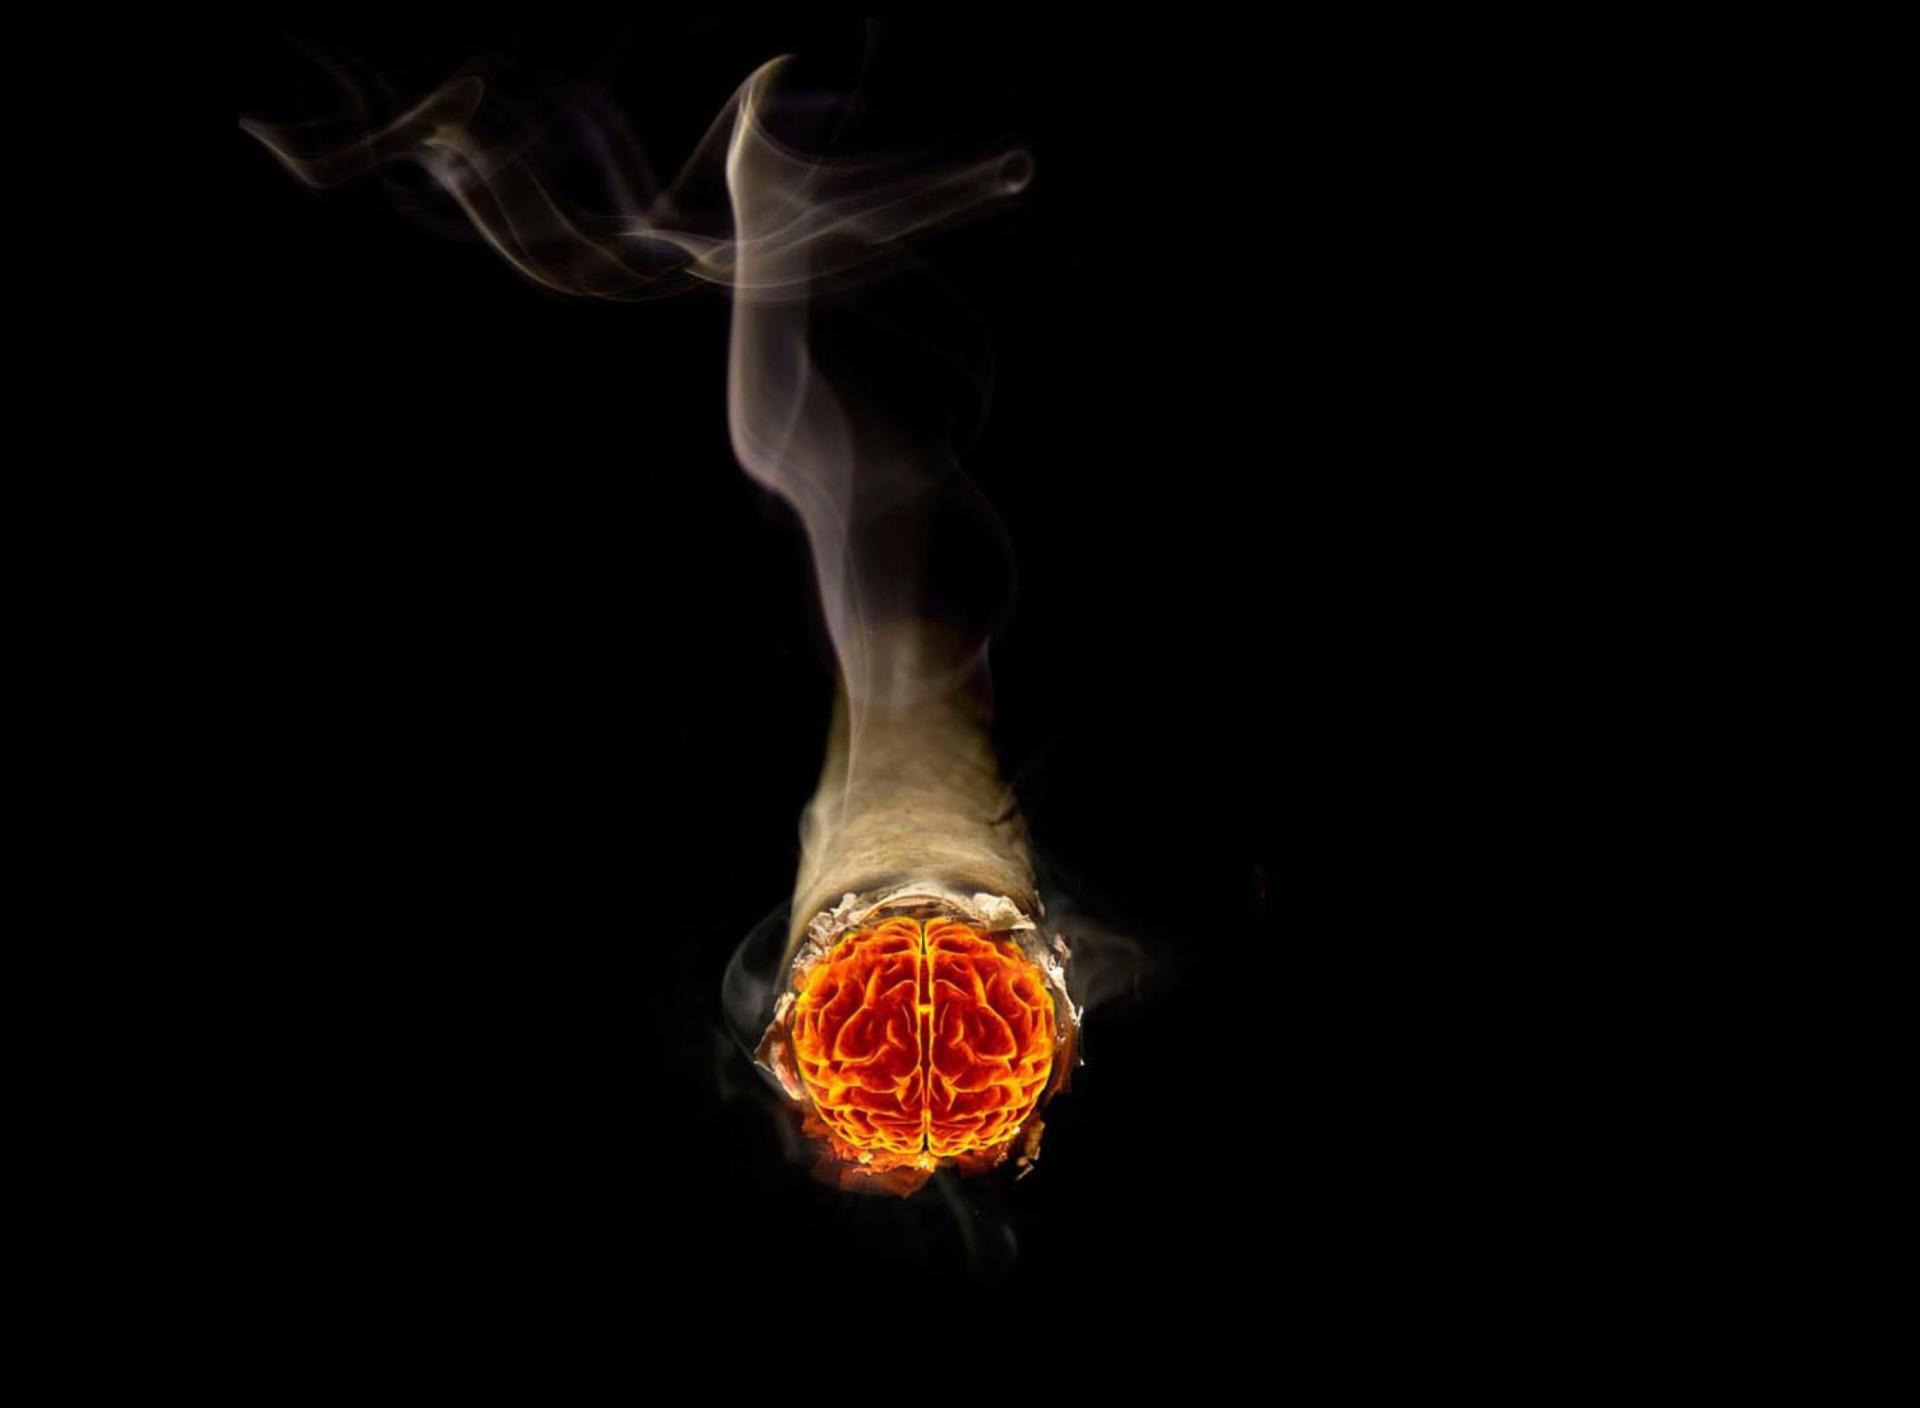 Дым в руках  № 3136135  скачать